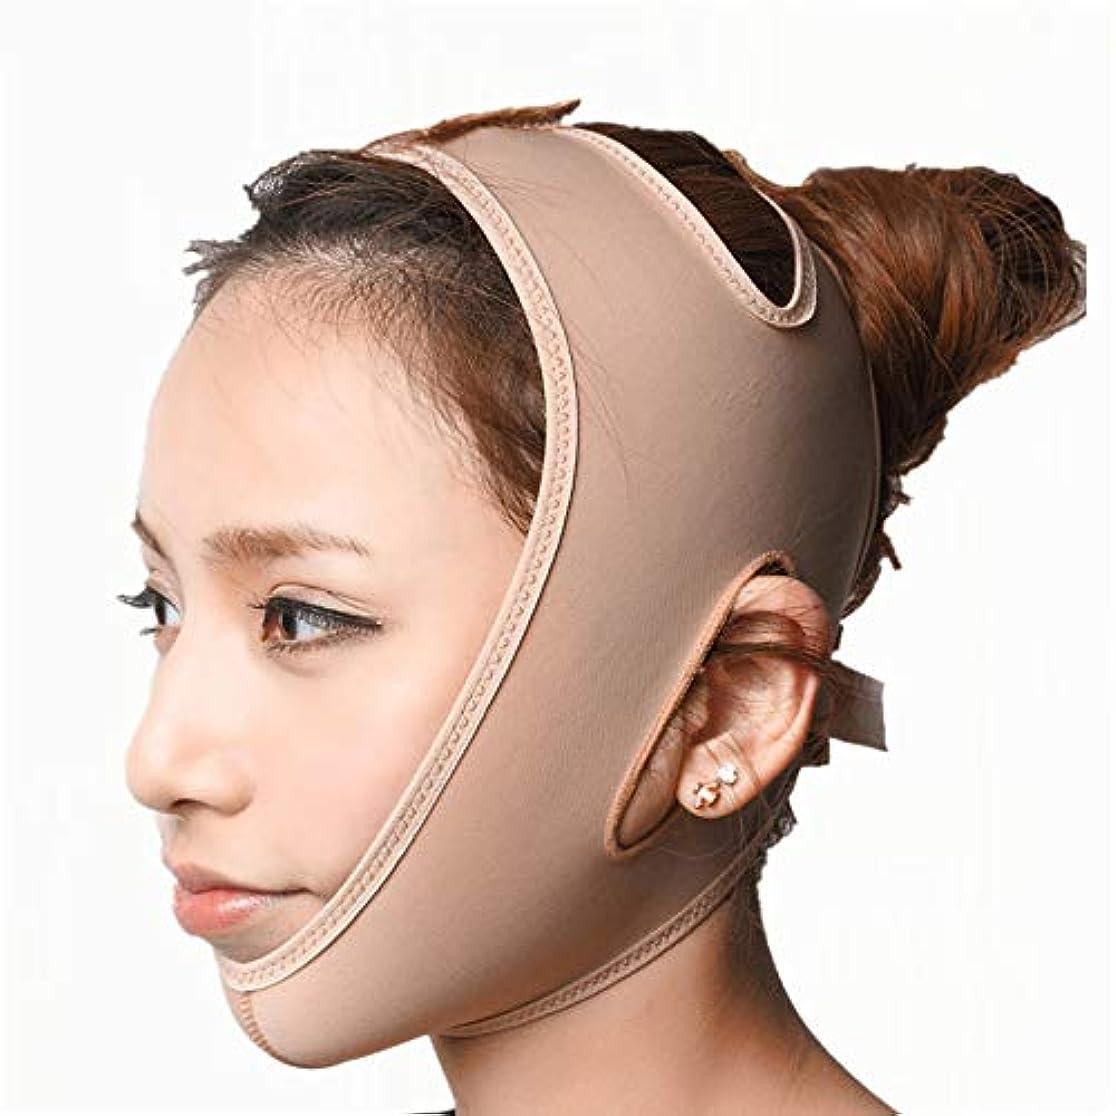 アコーサンプル投資薄い顔のベルト - 薄い顔のアーチファクトVの顔の包帯マスクの顔のマッサージャー薄いダブルの顎のデバイス 美しさ